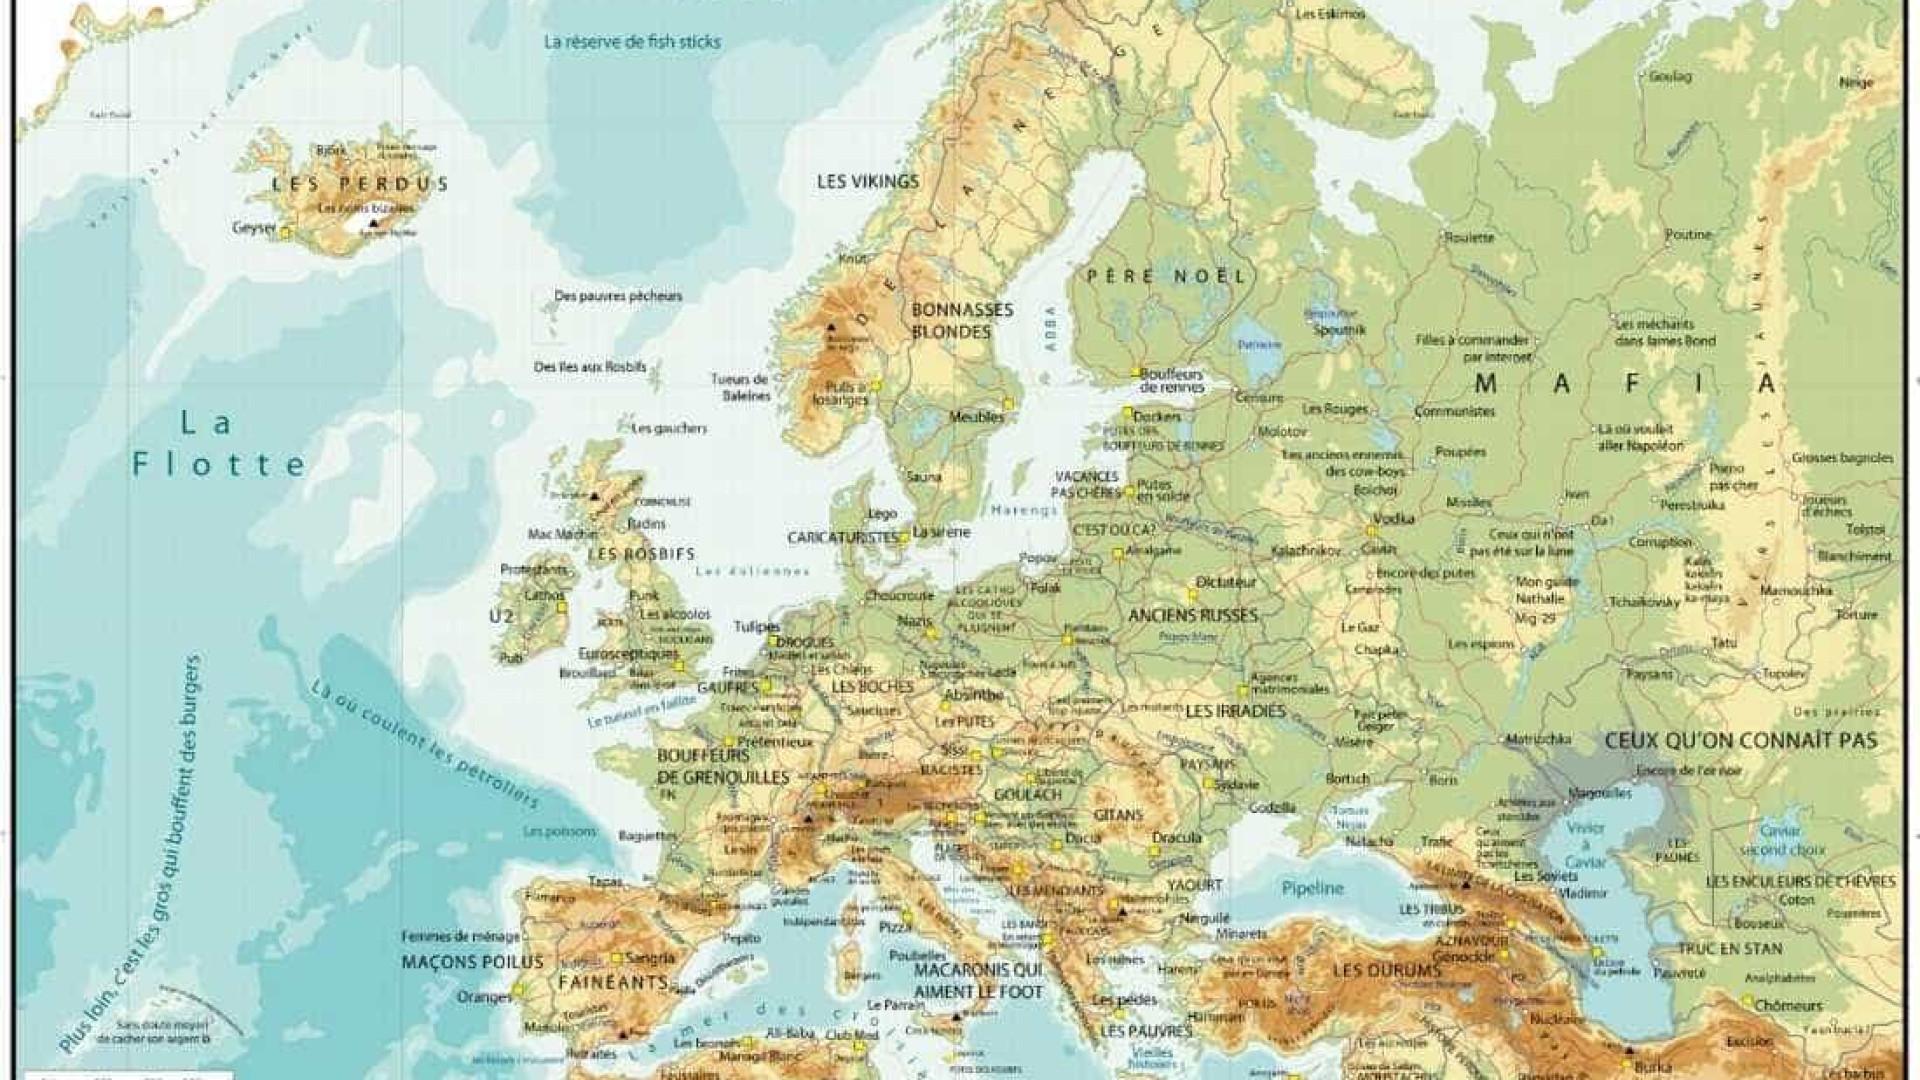 Portugal Fica Com Os Pedreiros Peludos Em Novo Mapa Da Europa